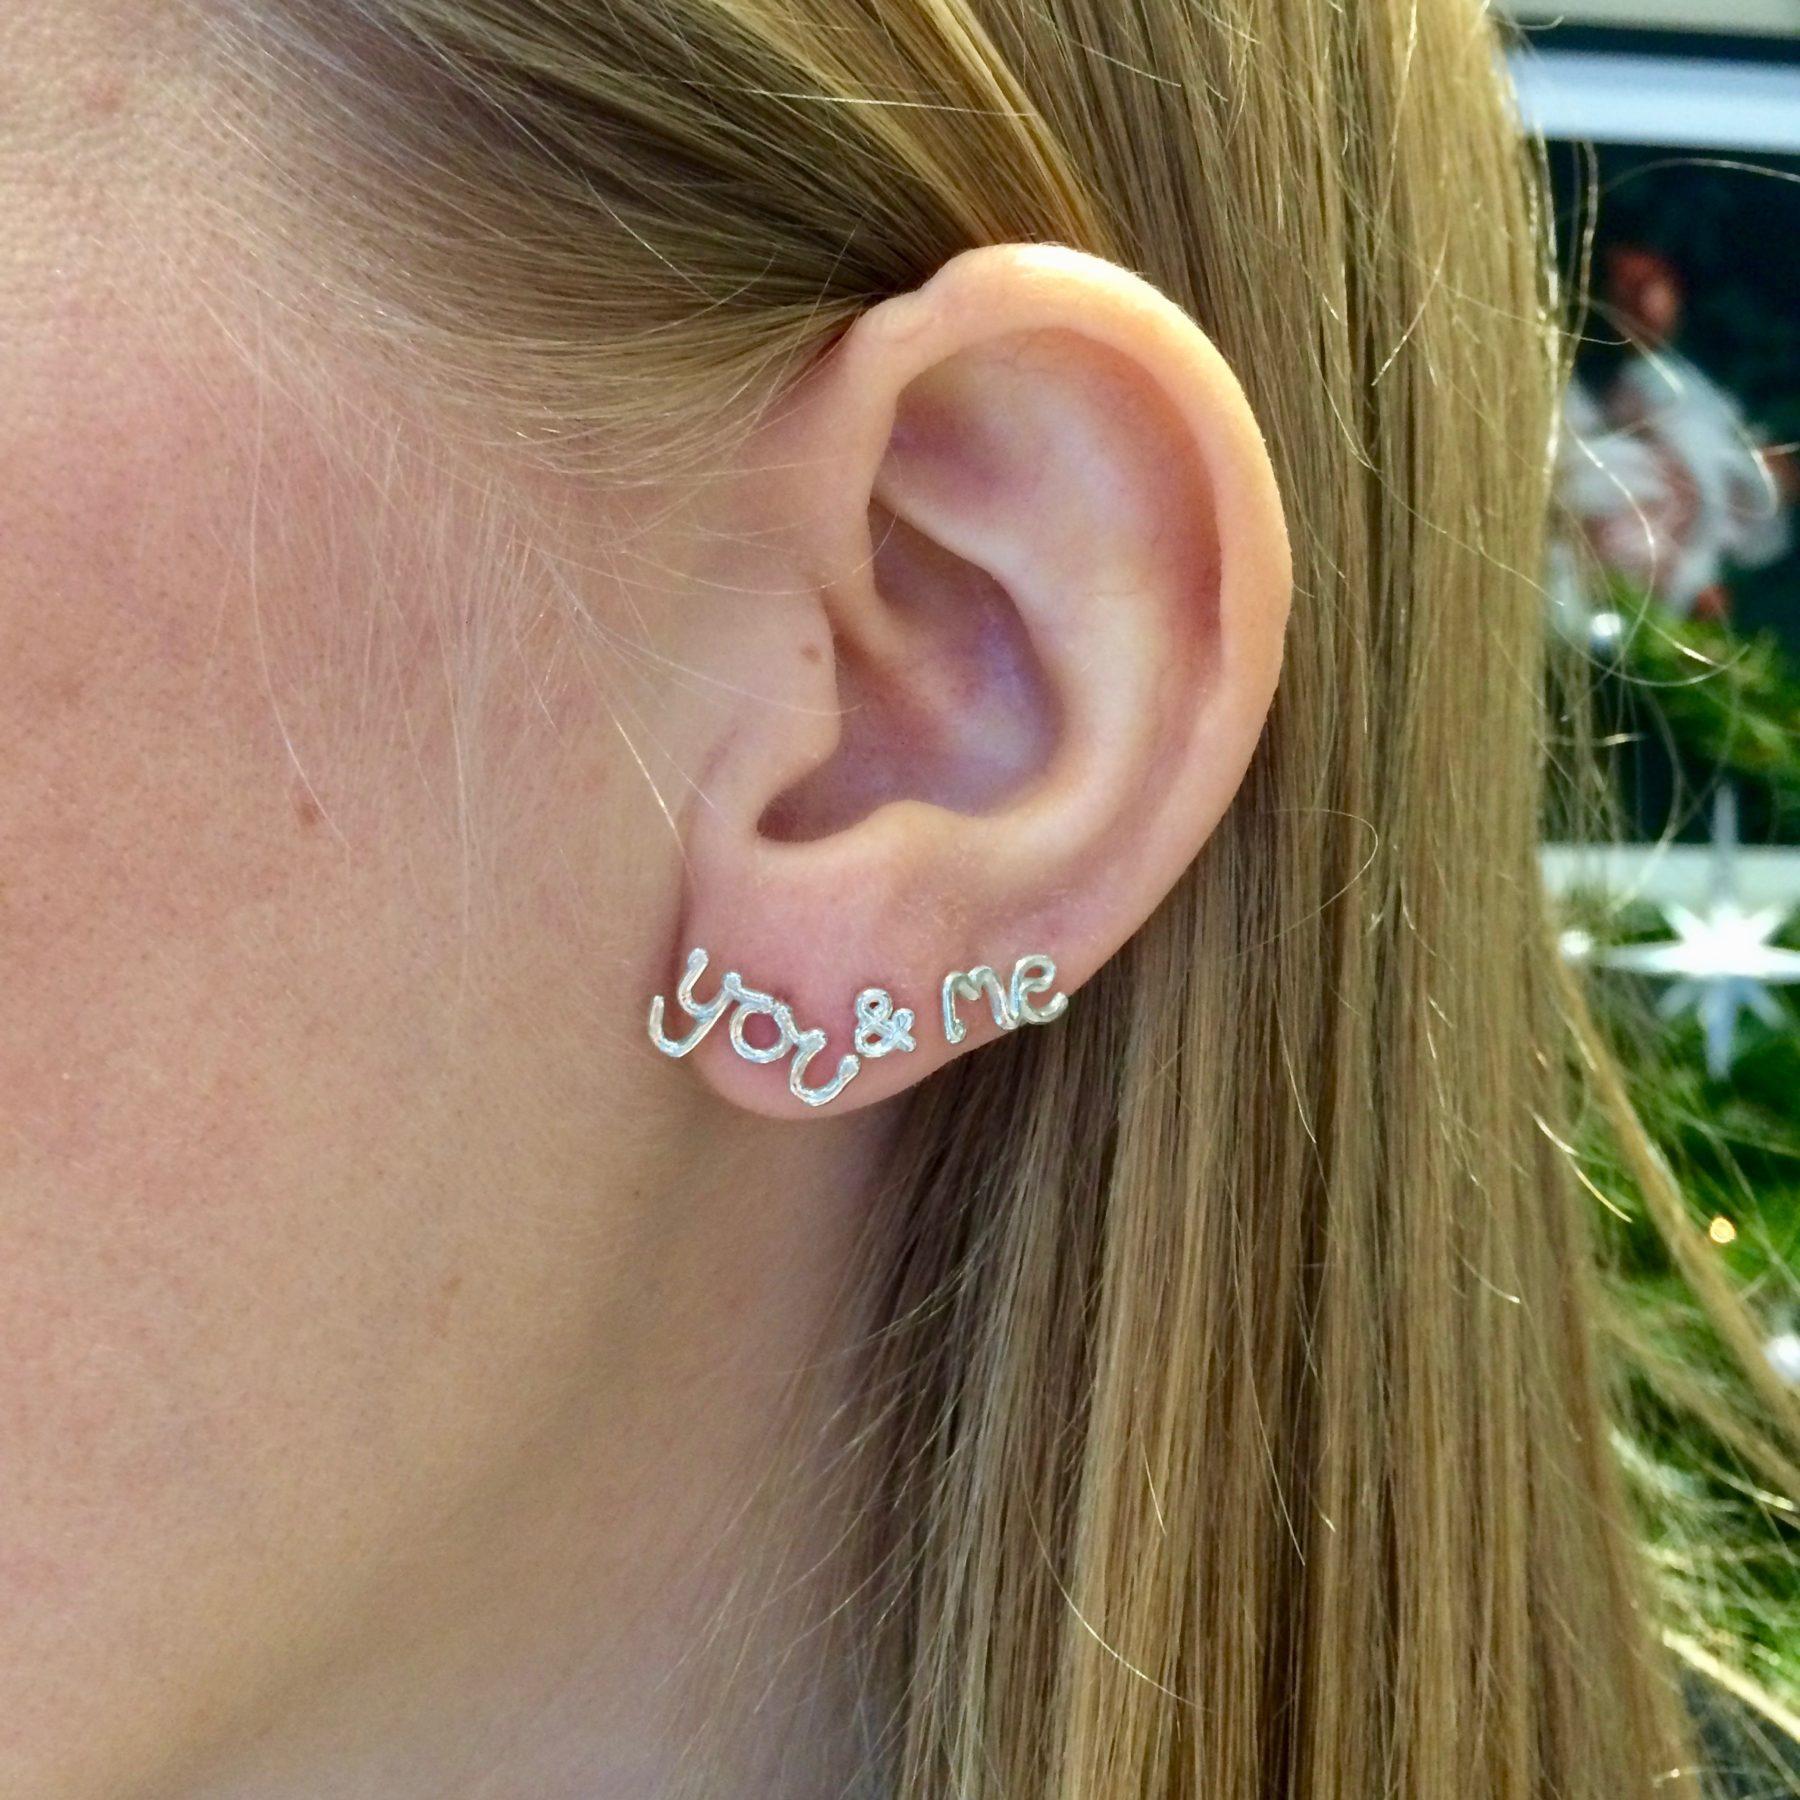 8558d75fb You' '&' 'Me' single stud earrings by Zoe Sherwood · '